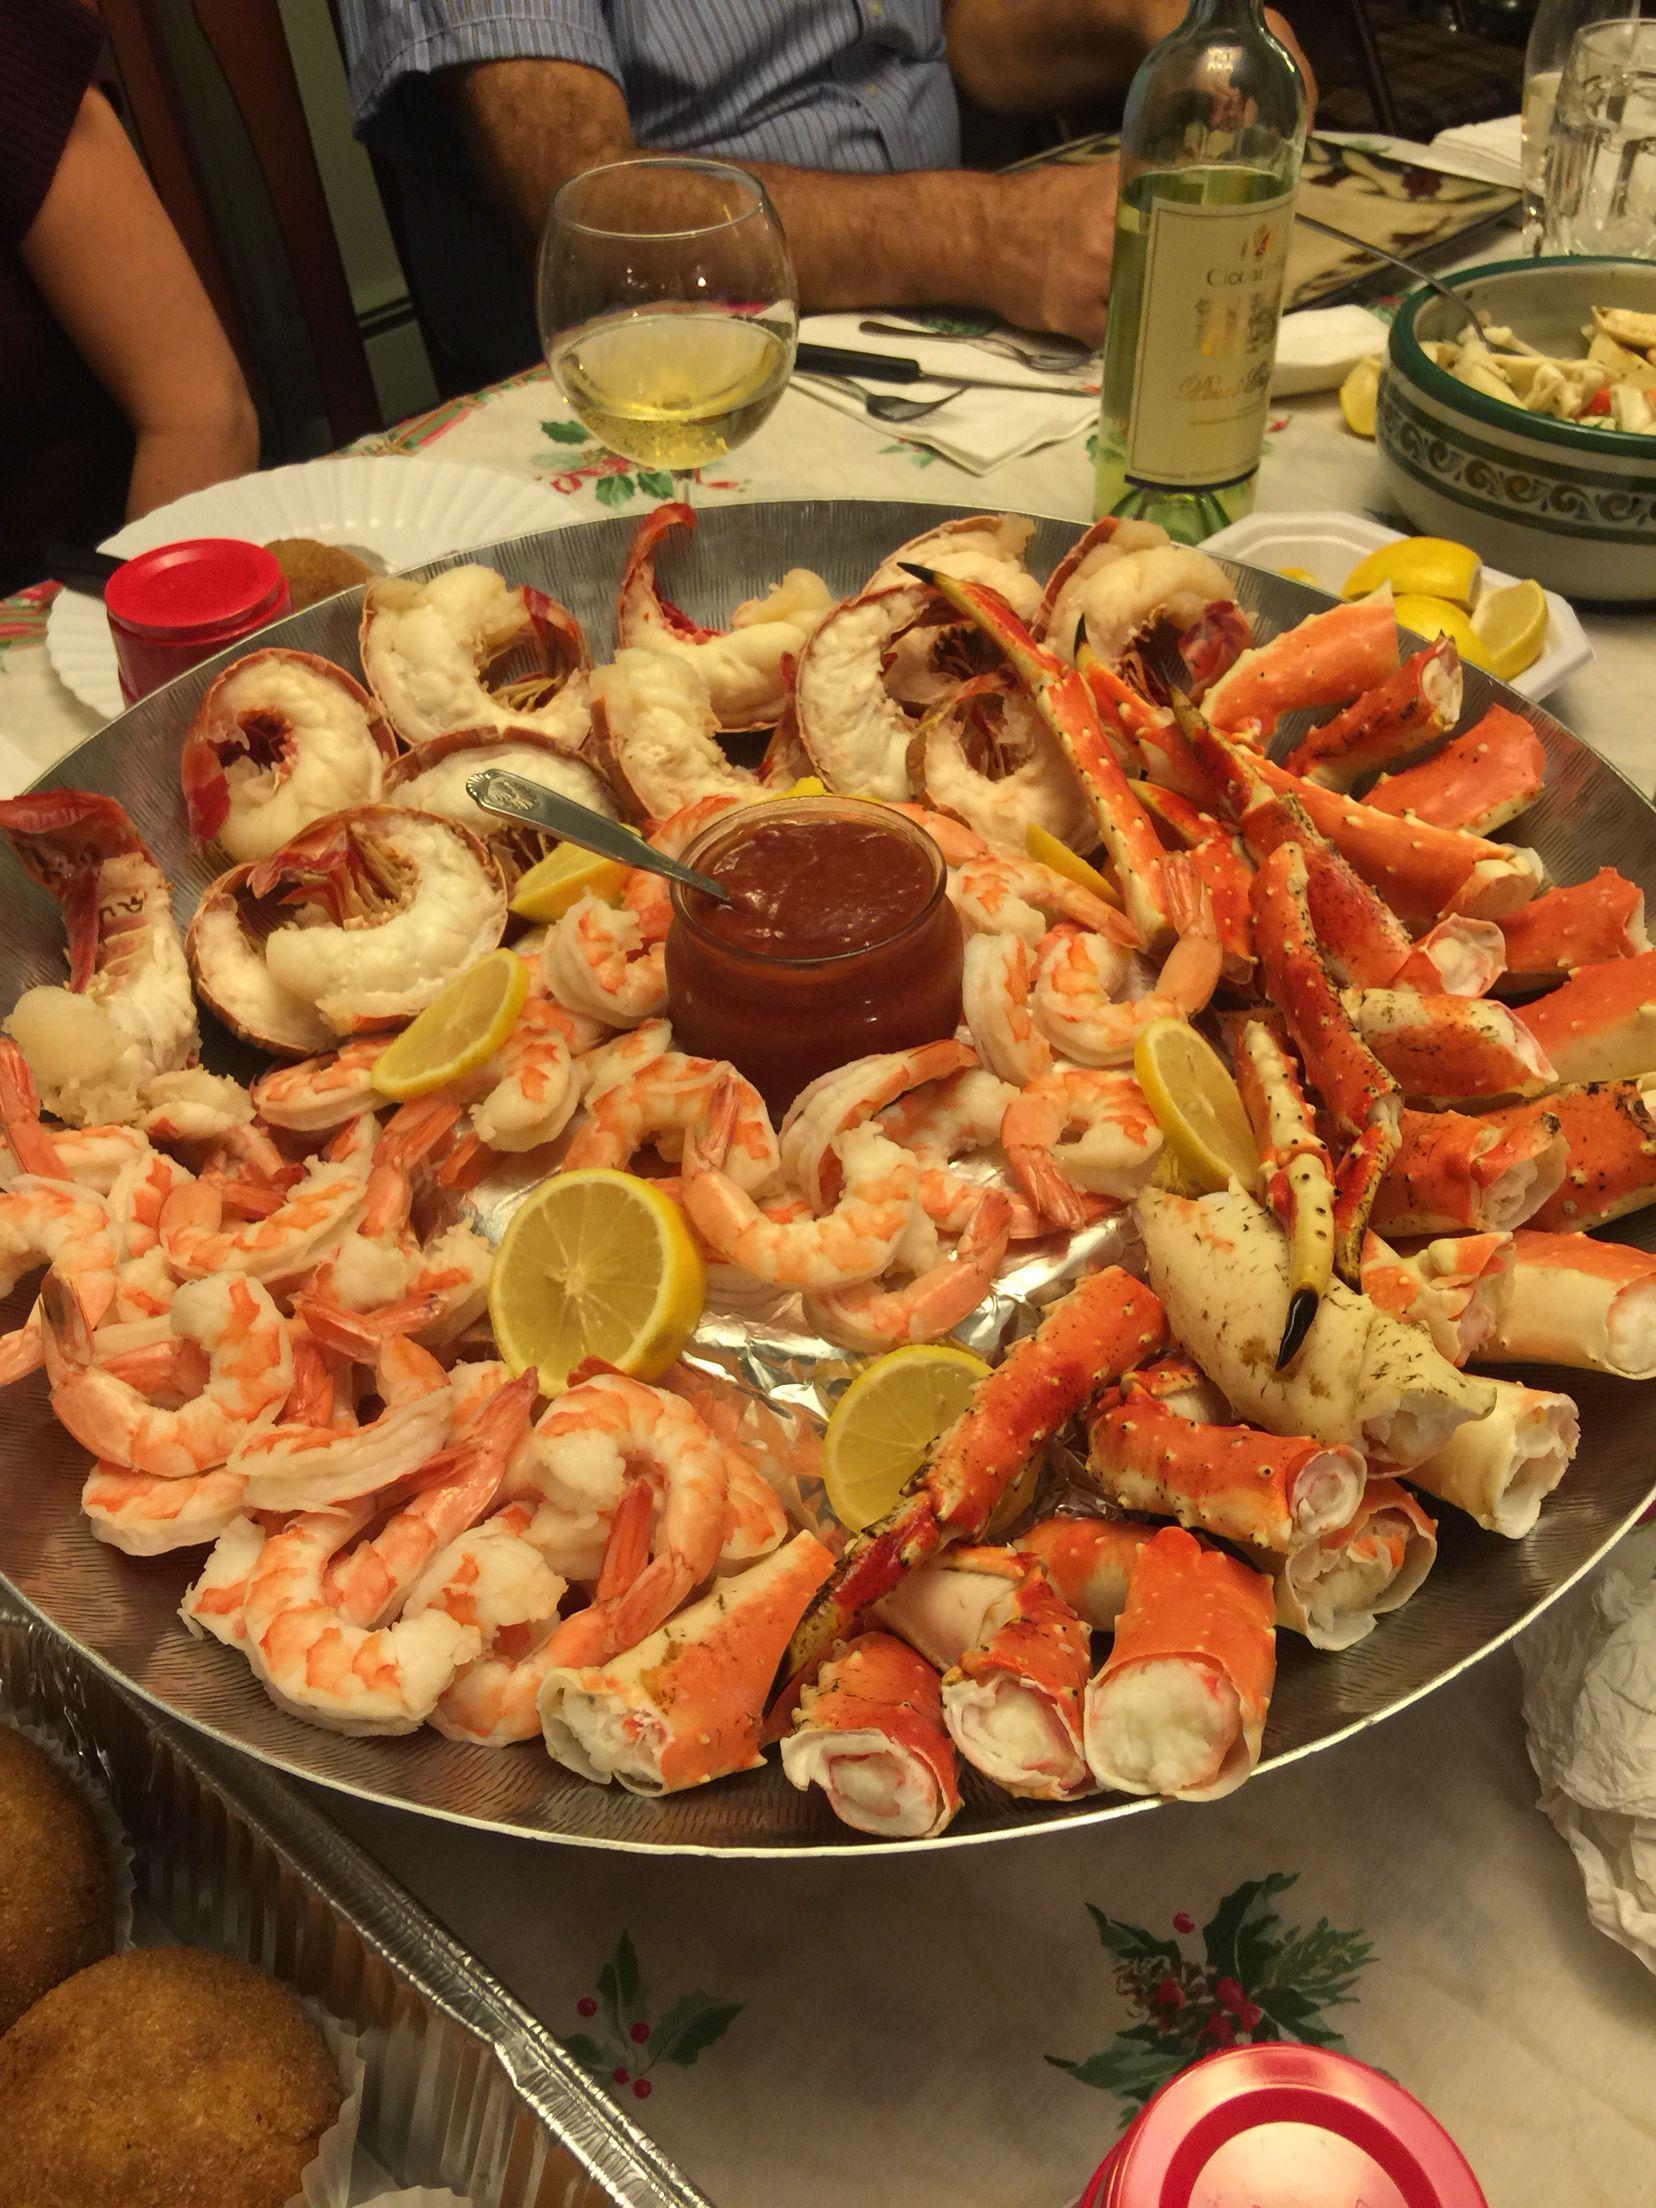 Seafood Christmas Food Ideas : seafood, christmas, ideas, Holidays